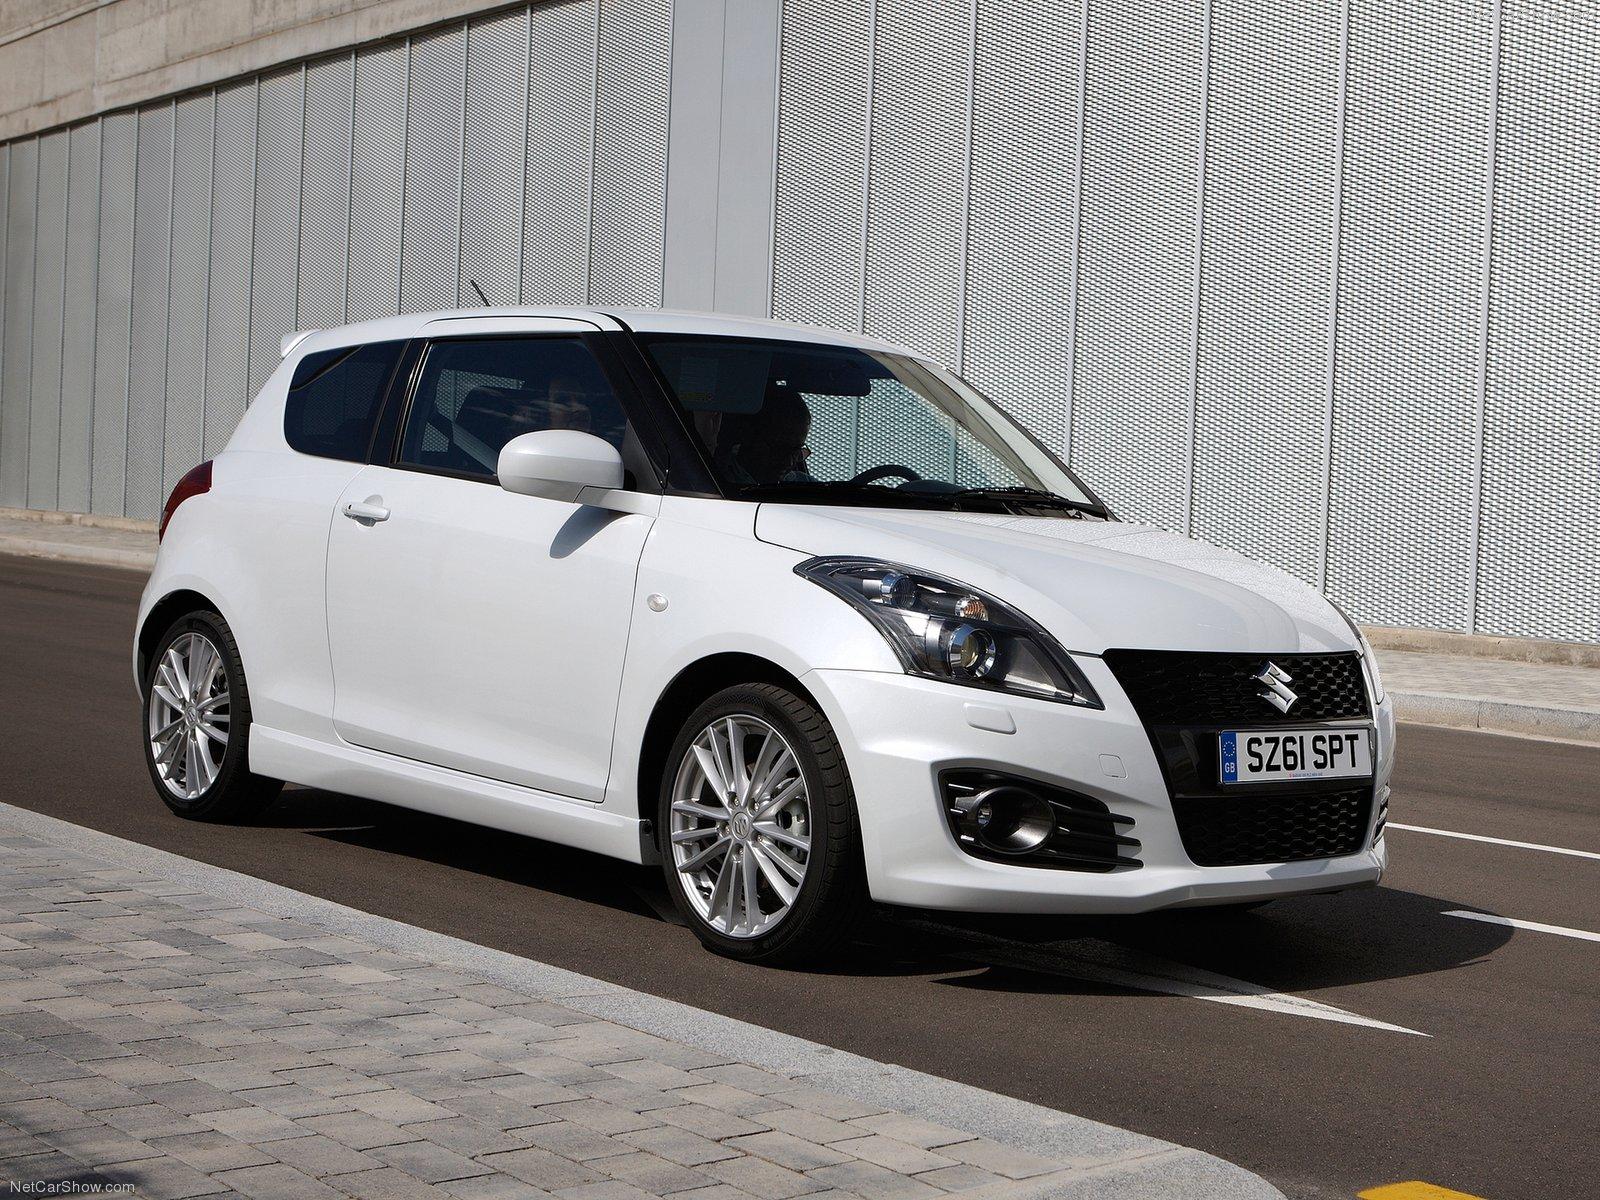 Hình ảnh xe ô tô Suzuki Swift Sport 2012 & nội ngoại thất